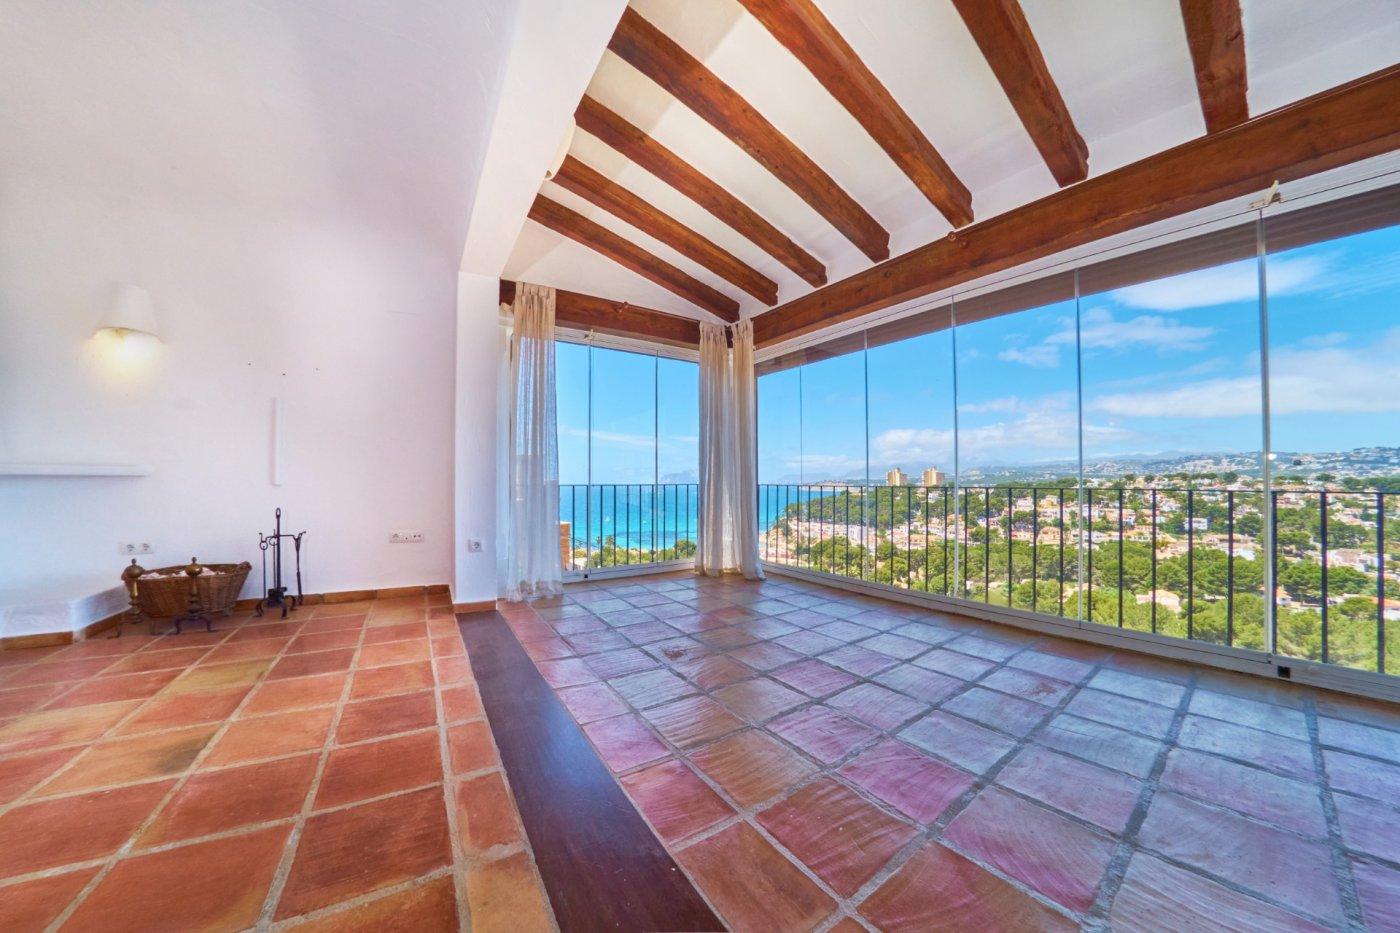 Apartamento · Moraira · Portet 1.350€ MES€